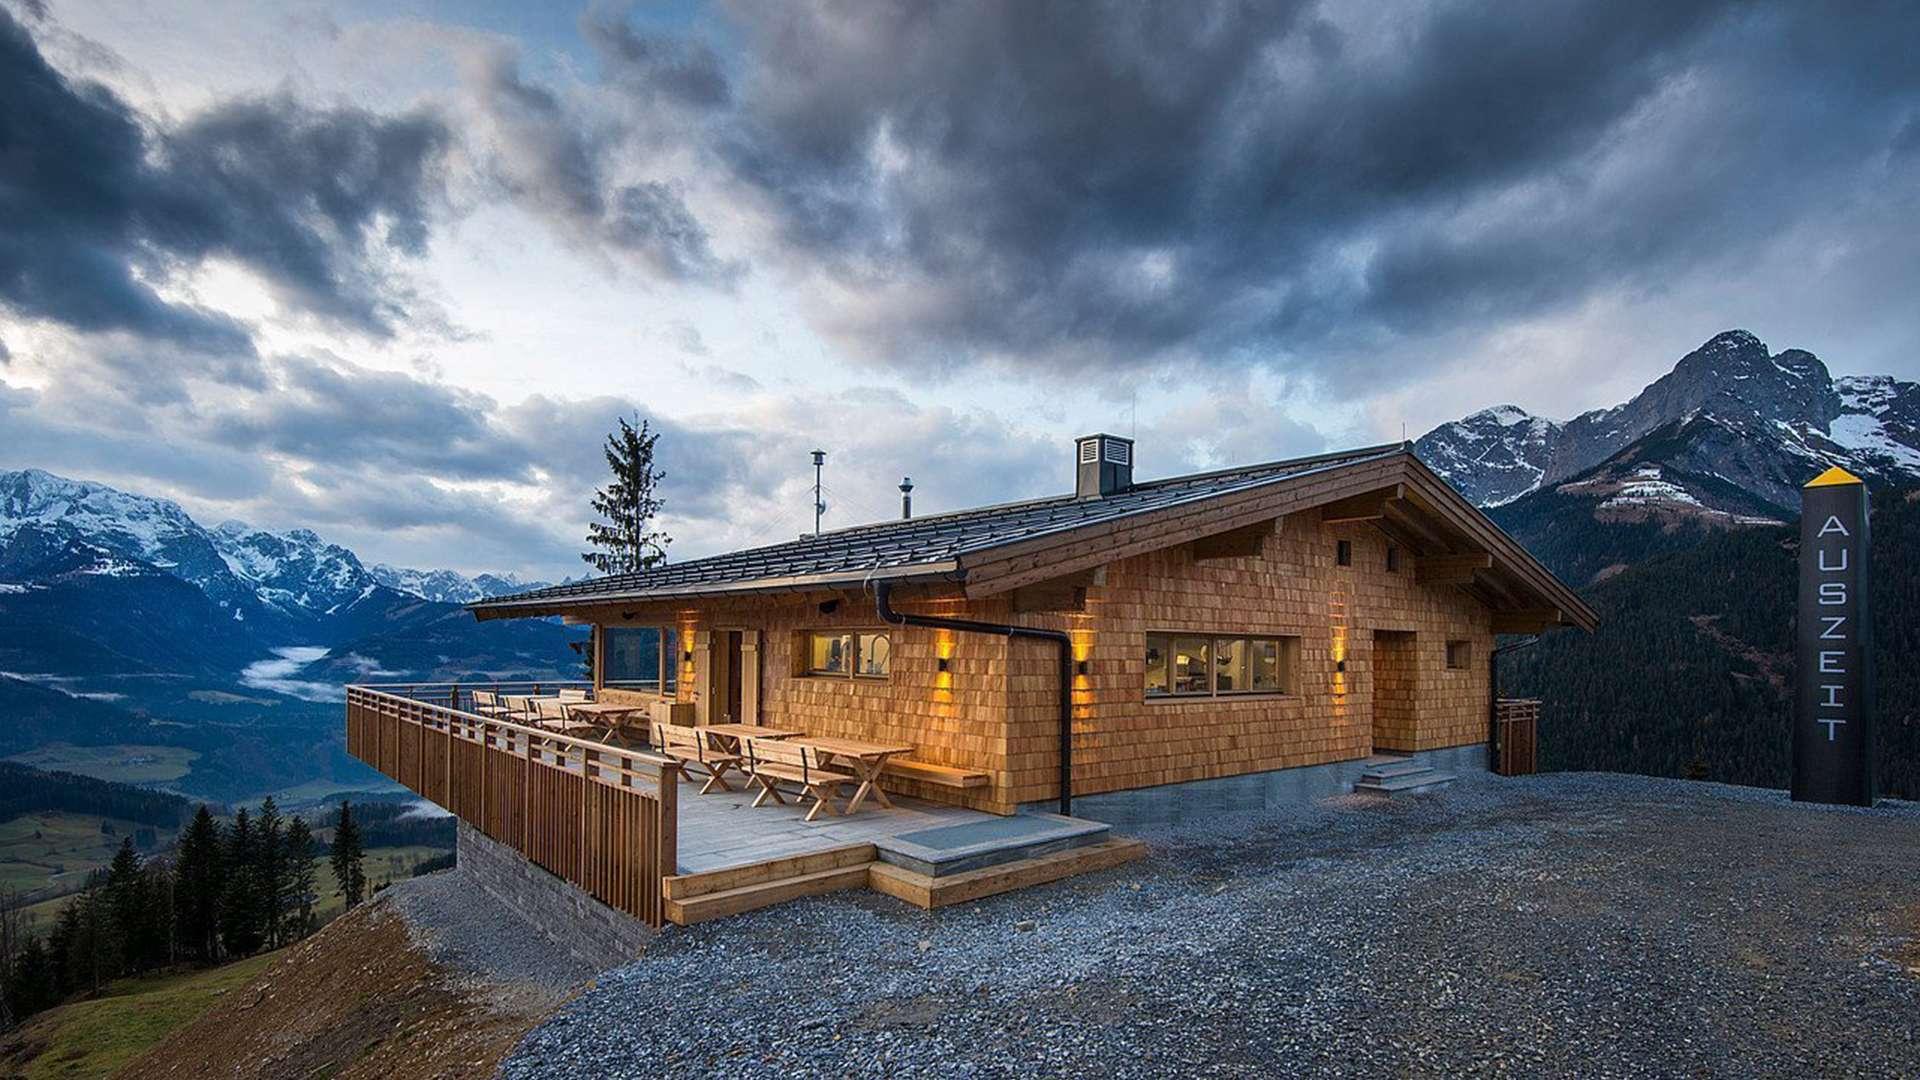 Holzhütte mit Holzfenstern auf einem Berg bei Dämmerung